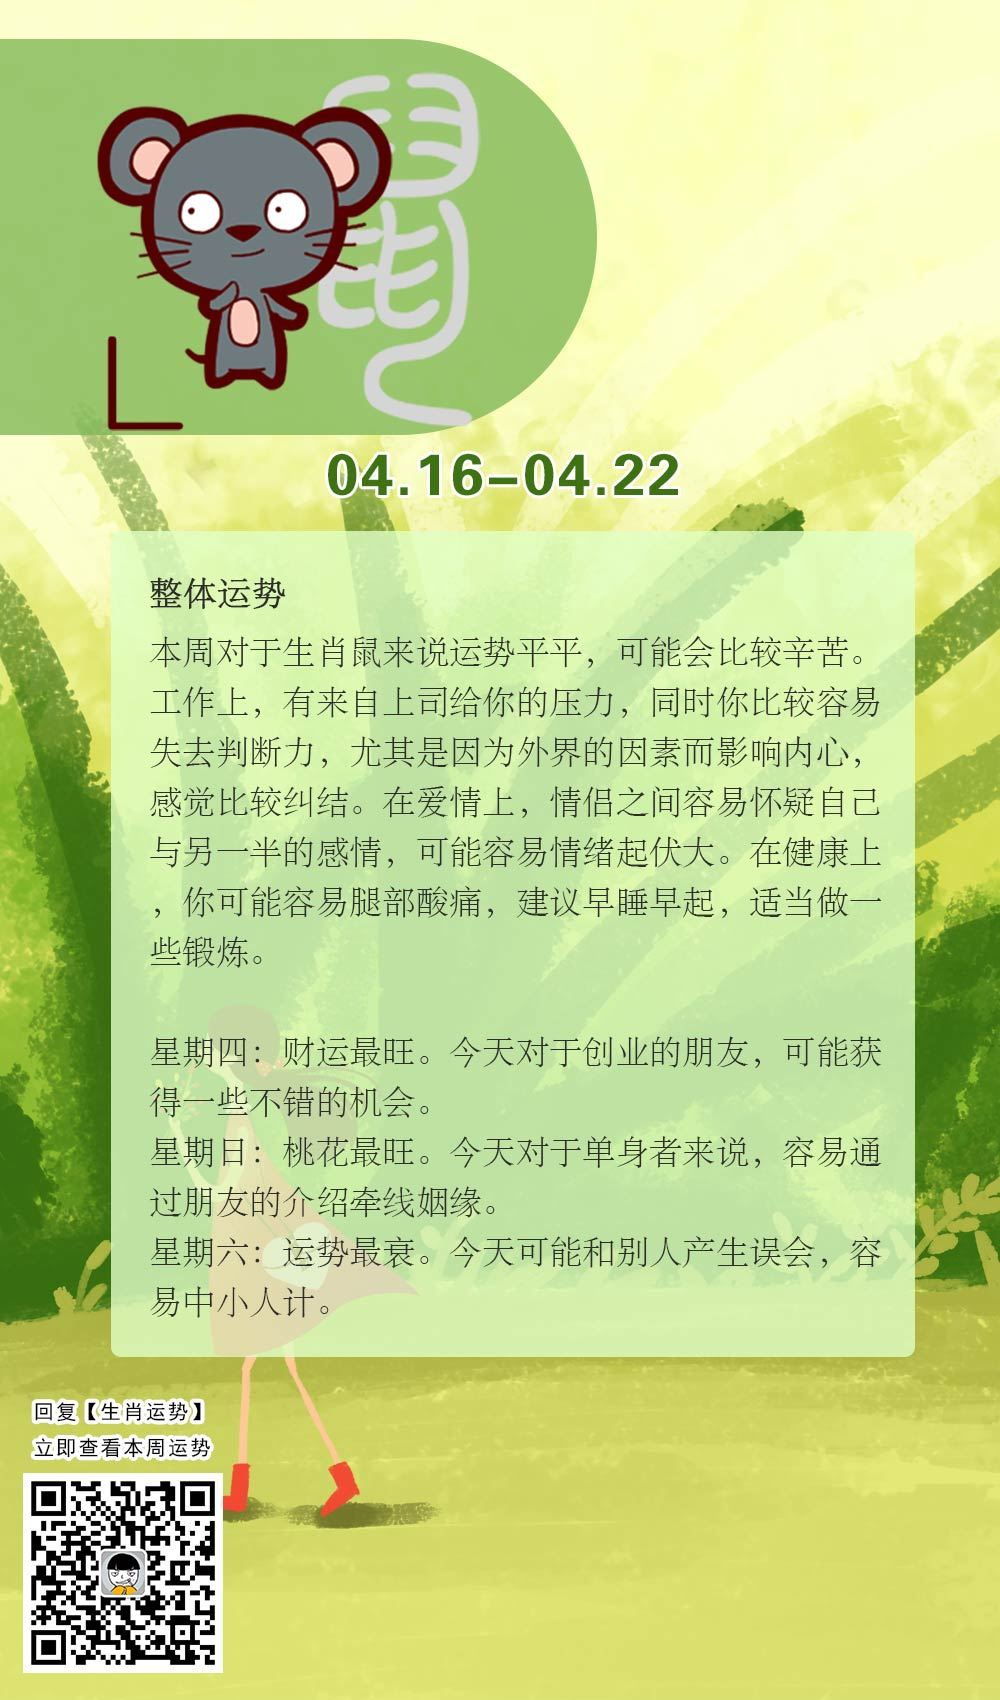 生肖鼠本周运势【2018.04.16-04.22】